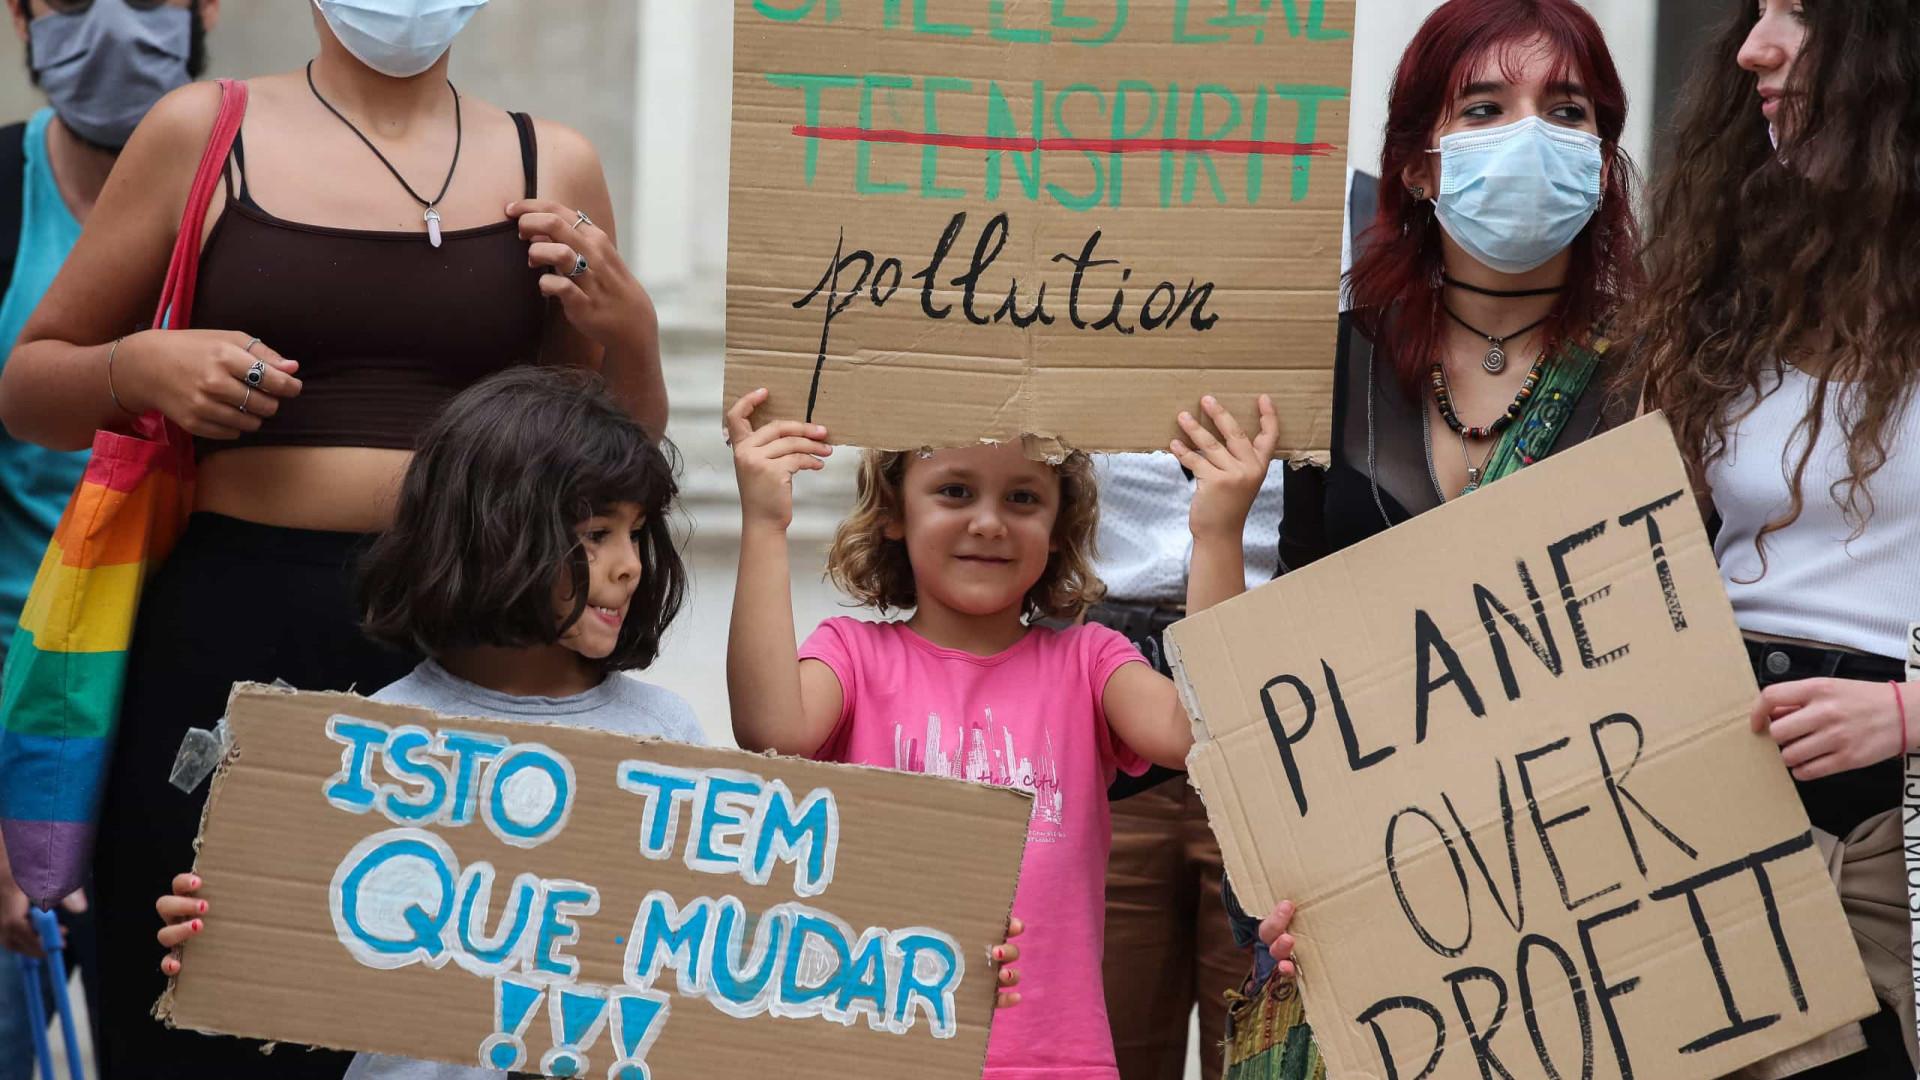 Jovens manifestam-se para exigir ação contra as alterações climáticas